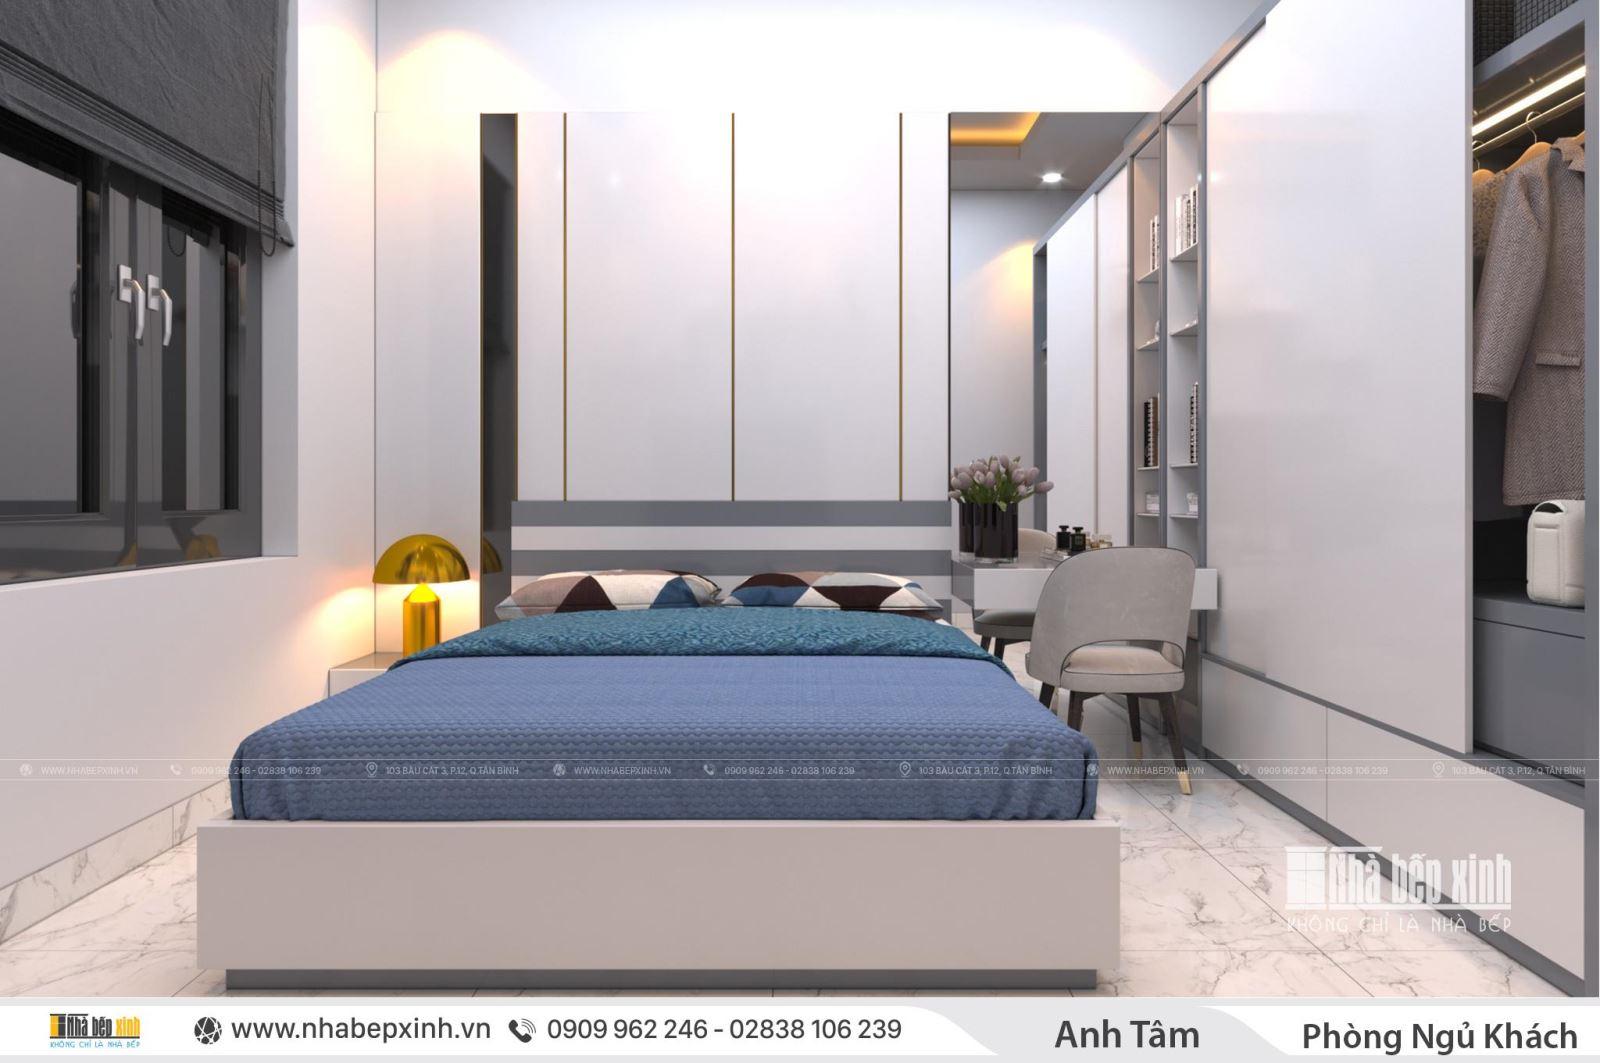 Ý tưởng lưu trữ thông minh trong thiết kế nội thất nguyên căn đẹp